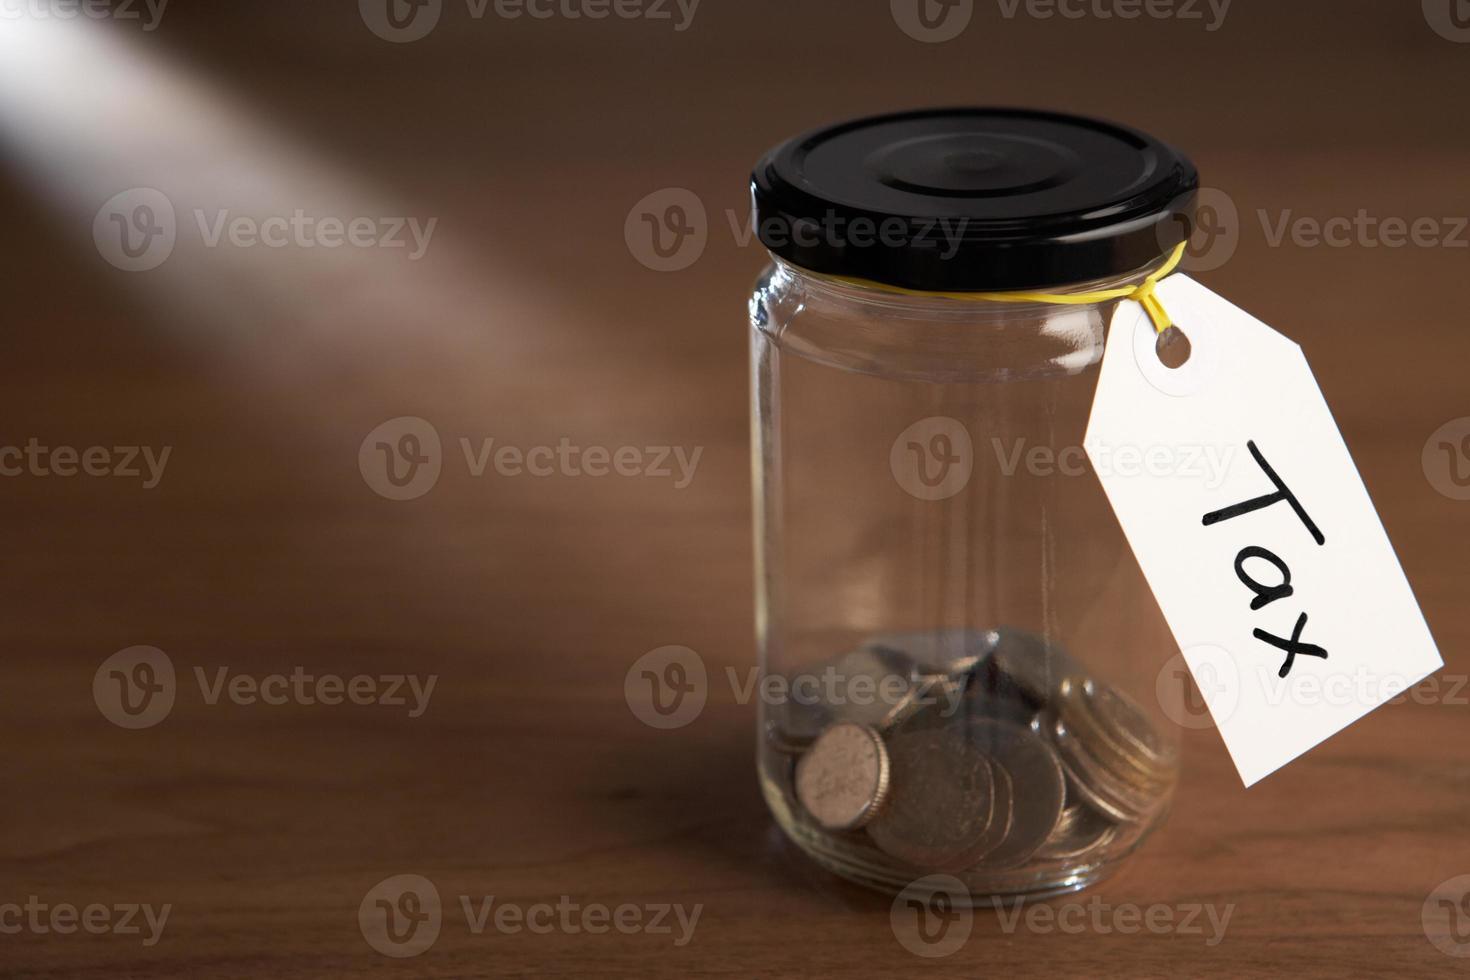 moedas em um pote de geléia foto